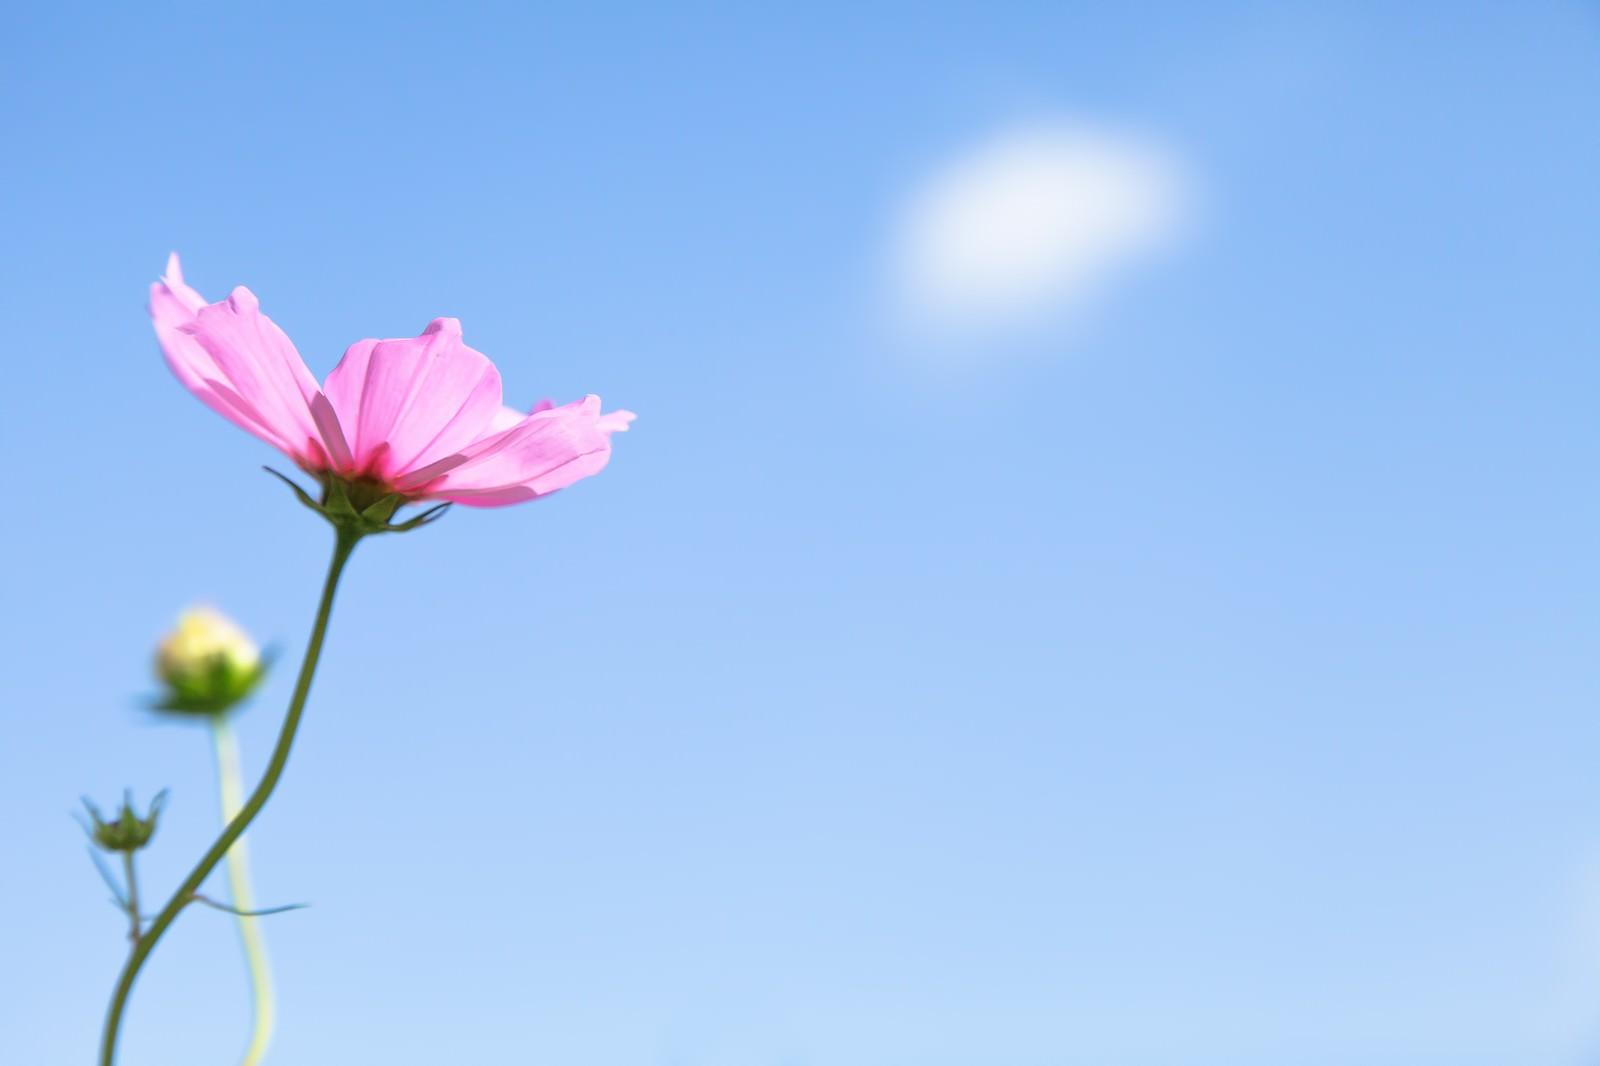 「コスモスと青空 | 写真の無料素材・フリー素材 - ぱくたそ」の写真